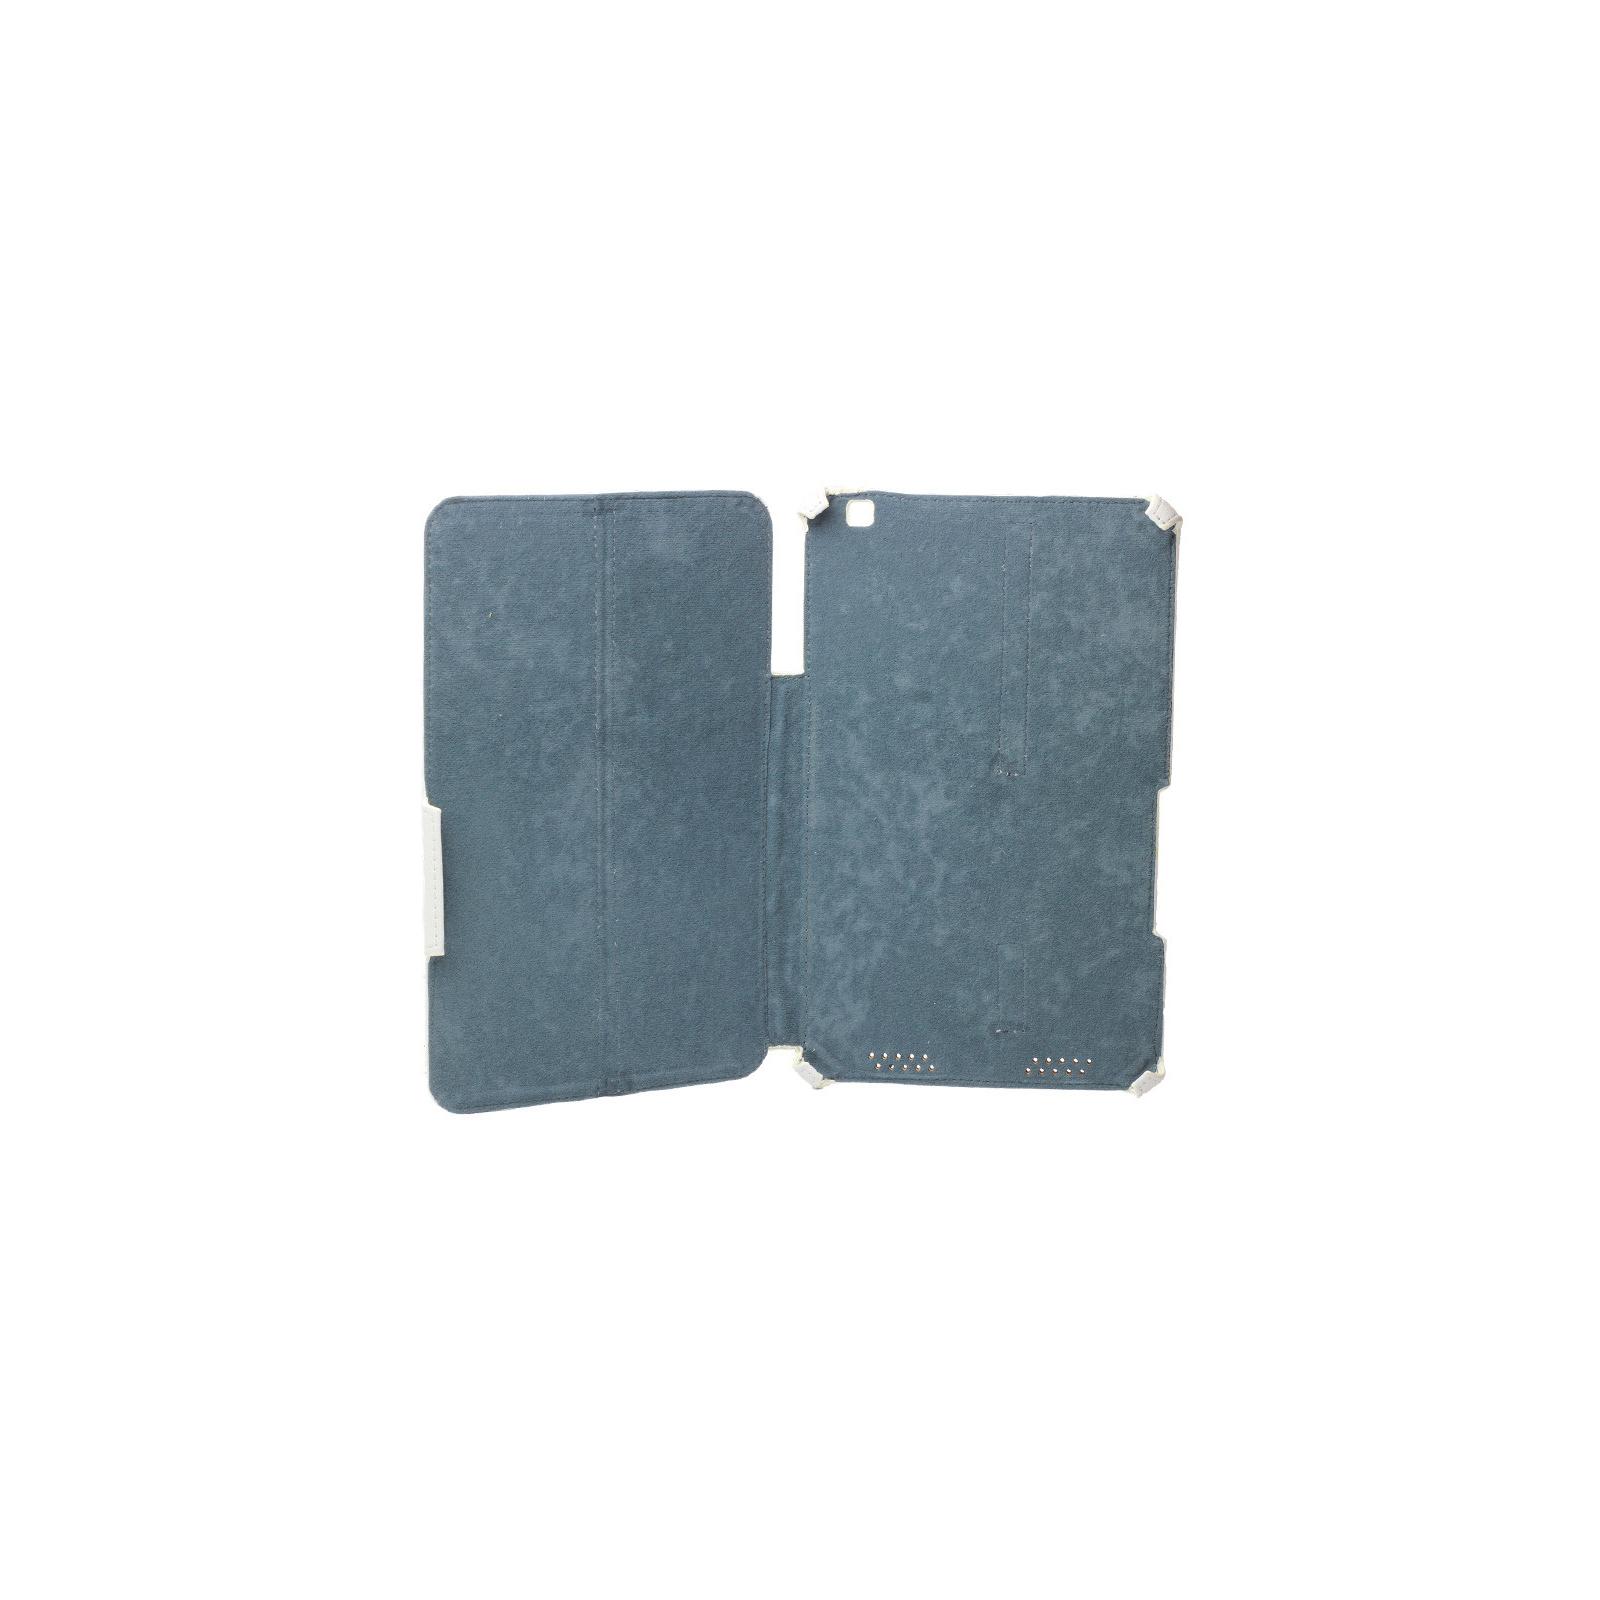 """Чехол для планшета Sigma 10,1"""" MOBILE A104 black (2000007105065) изображение 2"""